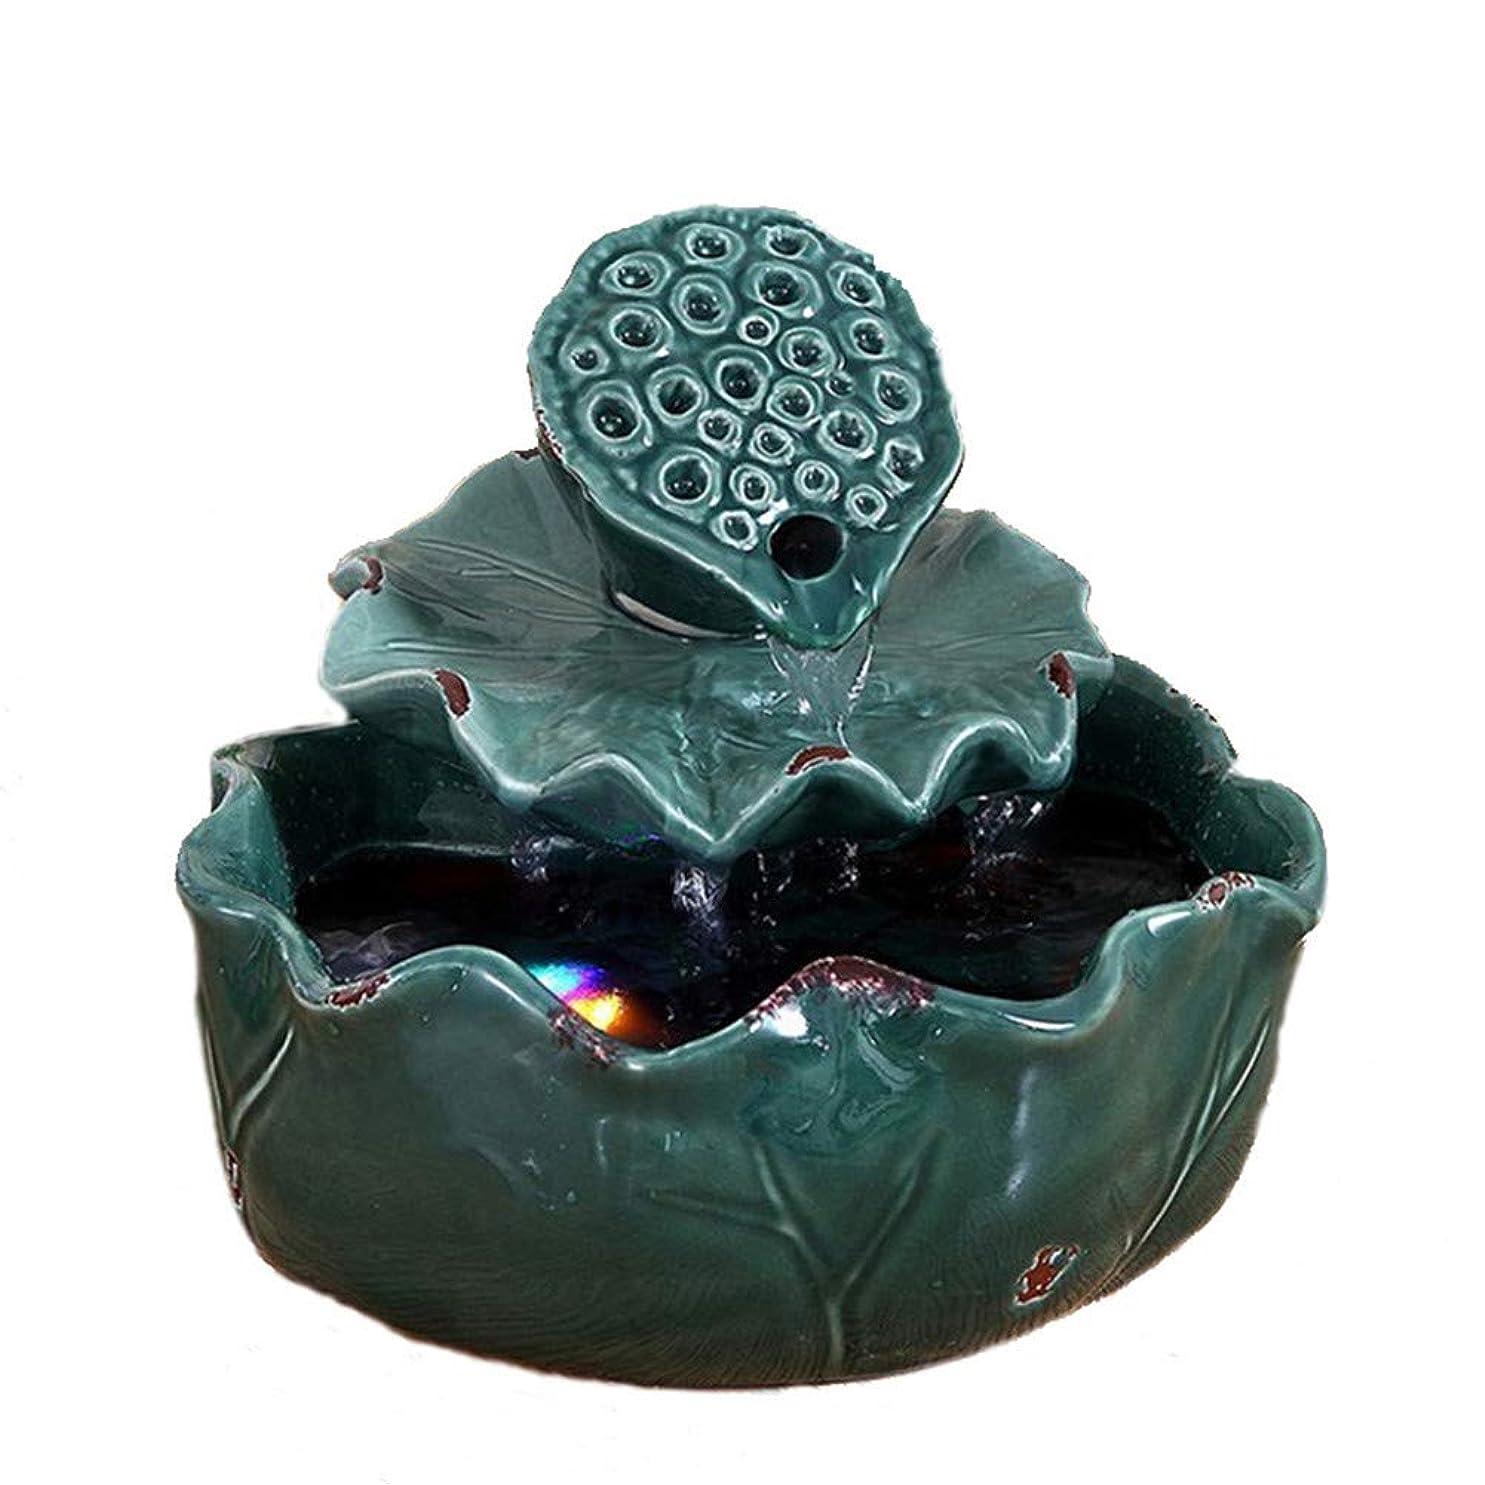 締め切りアロング却下する空気加湿器クリエイティブロータス卓上装飾装飾セラミック工芸絶妙なギフト